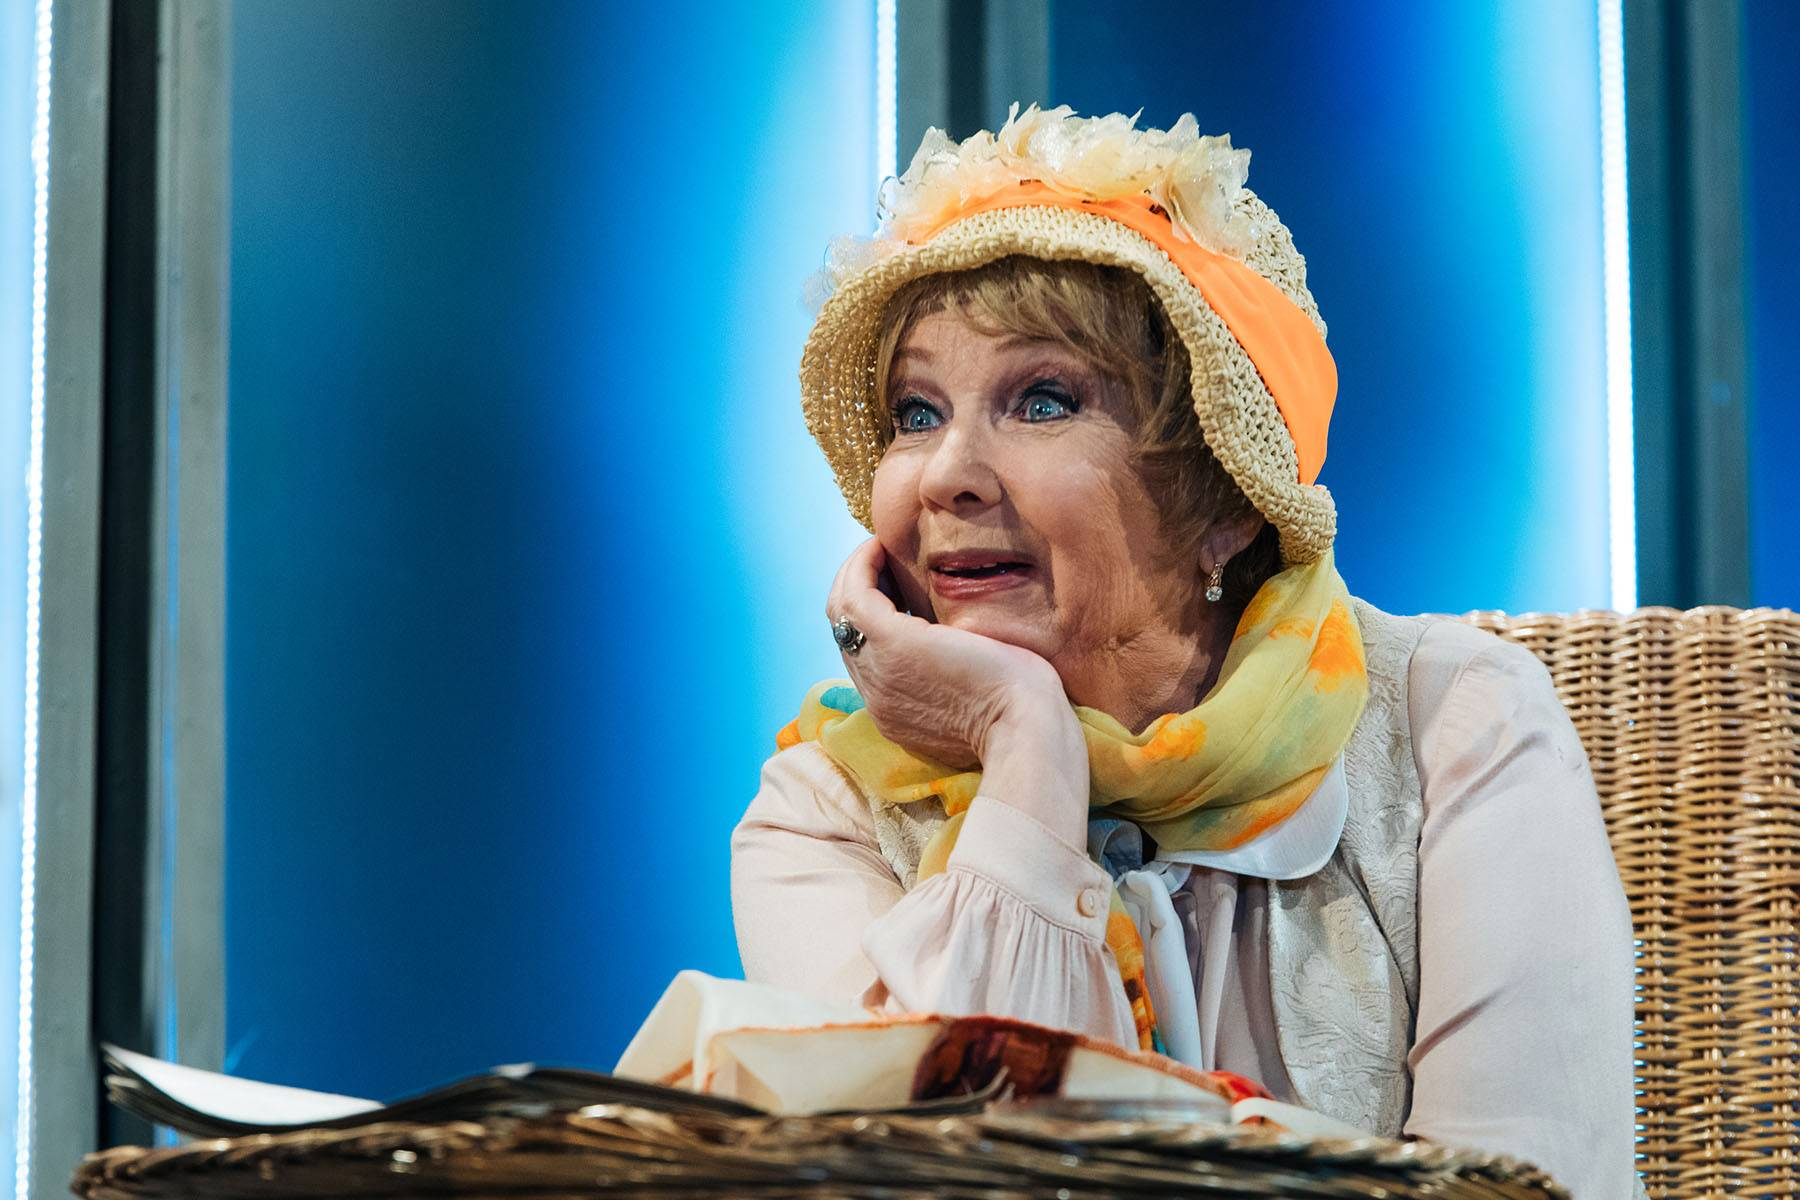 Онлайн-трансляция спектакля «Старомодная комедия» 9 мая